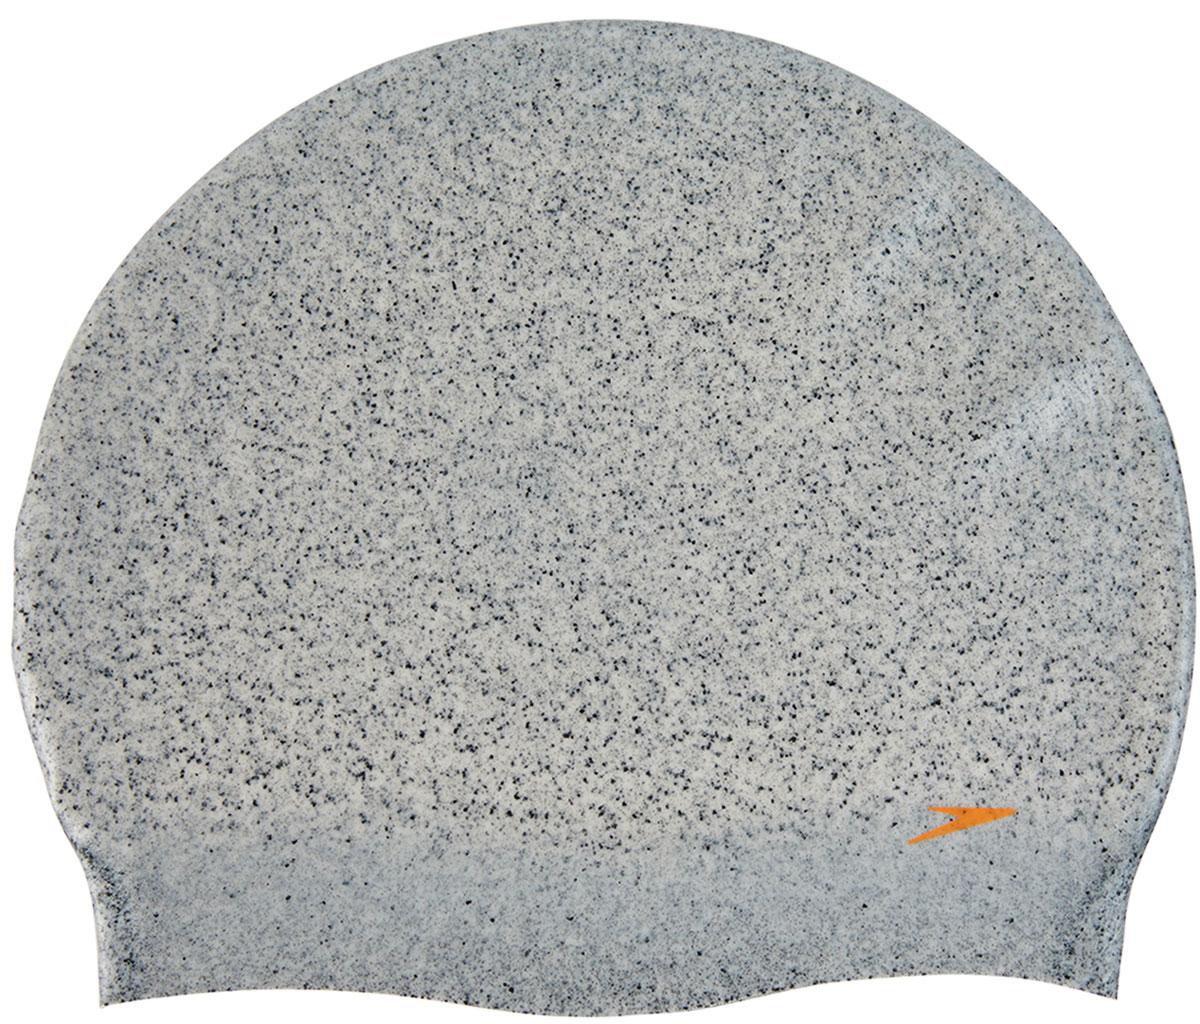 Шапочка для плавания Speedo, цвет: серый, оранжевый